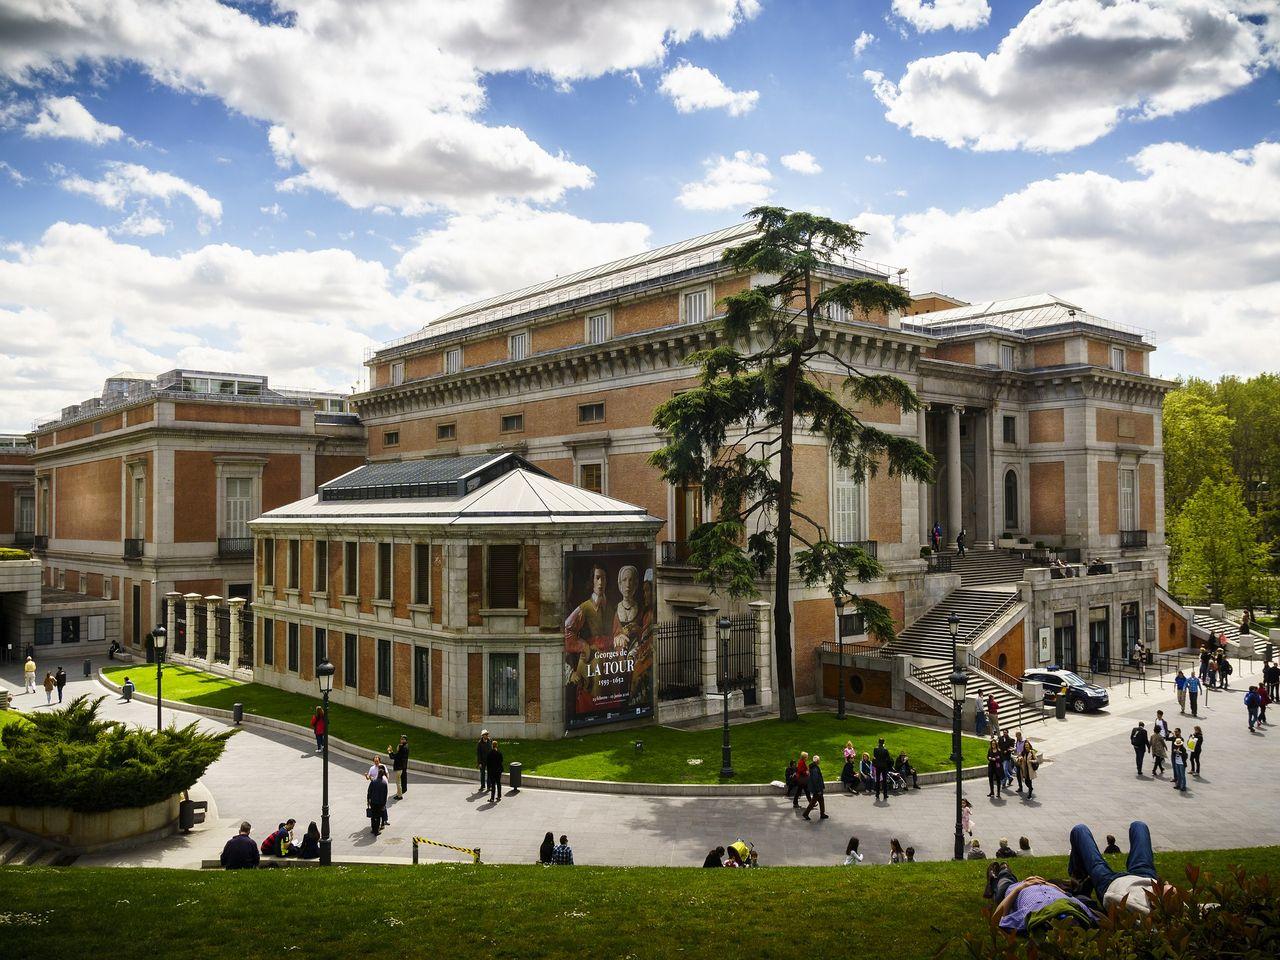 Museo del Prado en Madrid. Imagen de donfalcone en Pixabay.